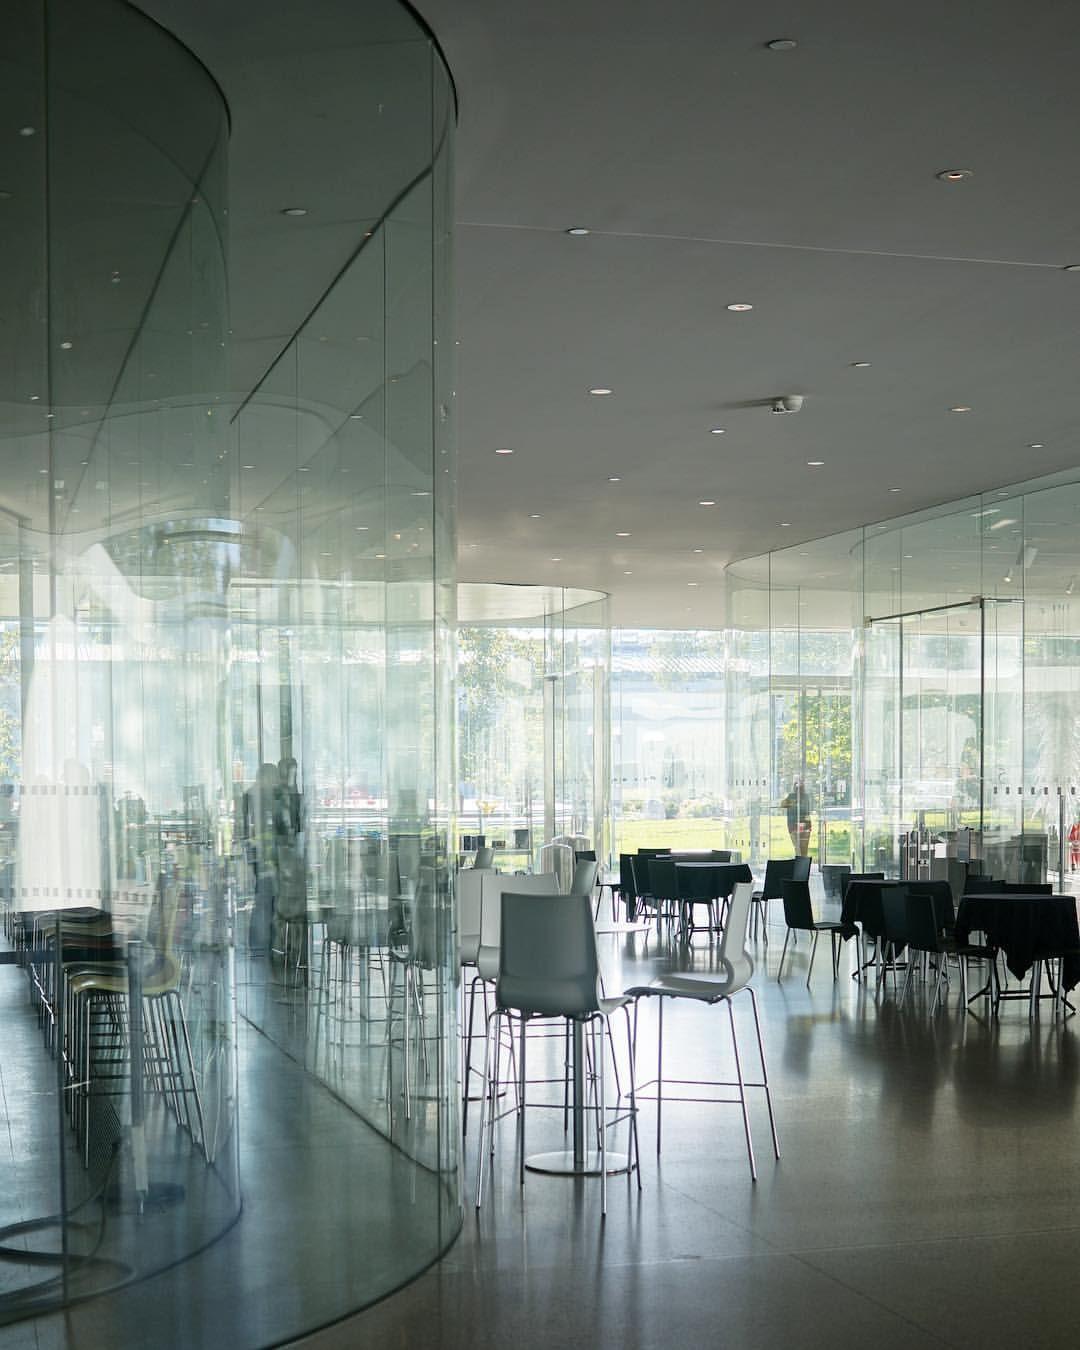 トレド美術館ガラスパビリオン 柱やマリオンみたいな構築的なブツがとにかく無くて ガラスをフワリ重ね着してるように見えるくらい軽い システム的にはエアフローで ぜんぶ2重なので相当なガラスの物量 で 曲面がたくさん重なって すごく複雑な反射や透明度の変化